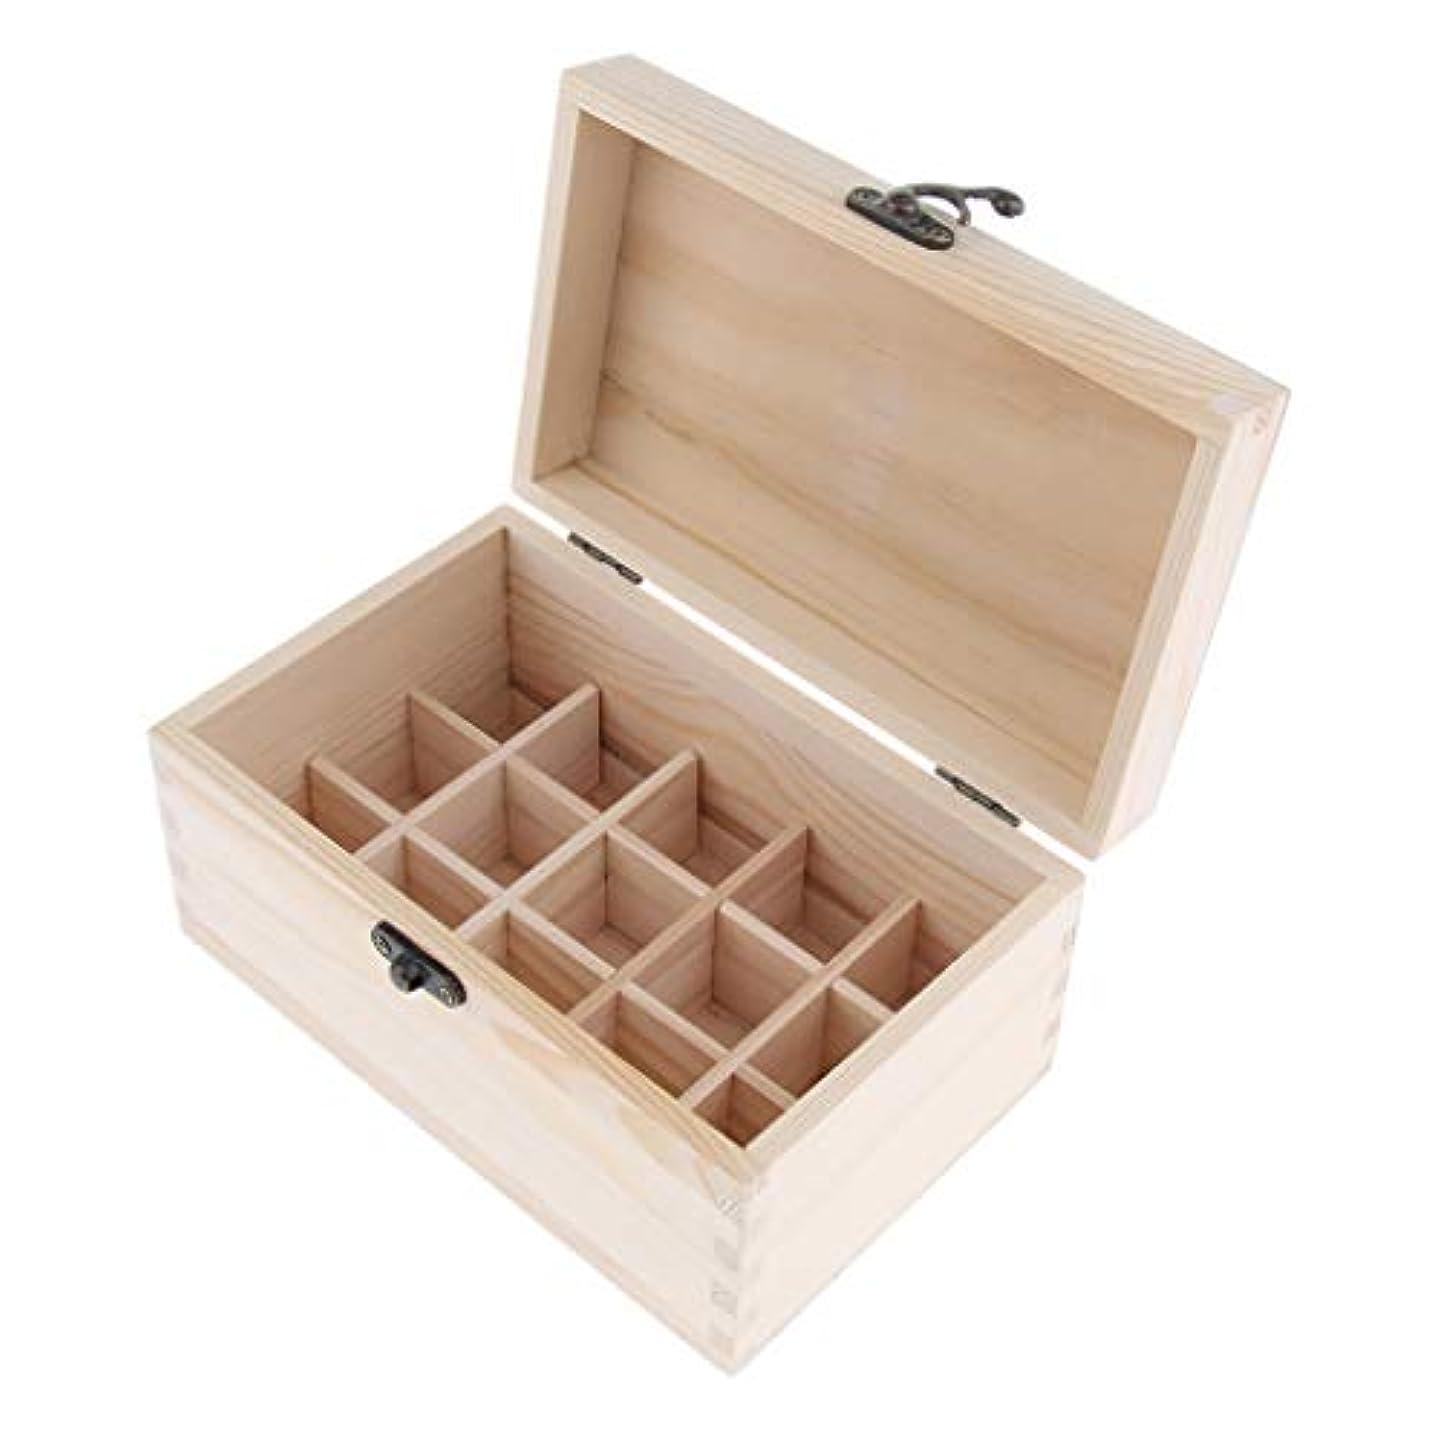 暗くするフォーラム尾エッセンシャルオイルケース 収納ボックス ディスプレイホルダー キャリーケース 15仕切り 木製